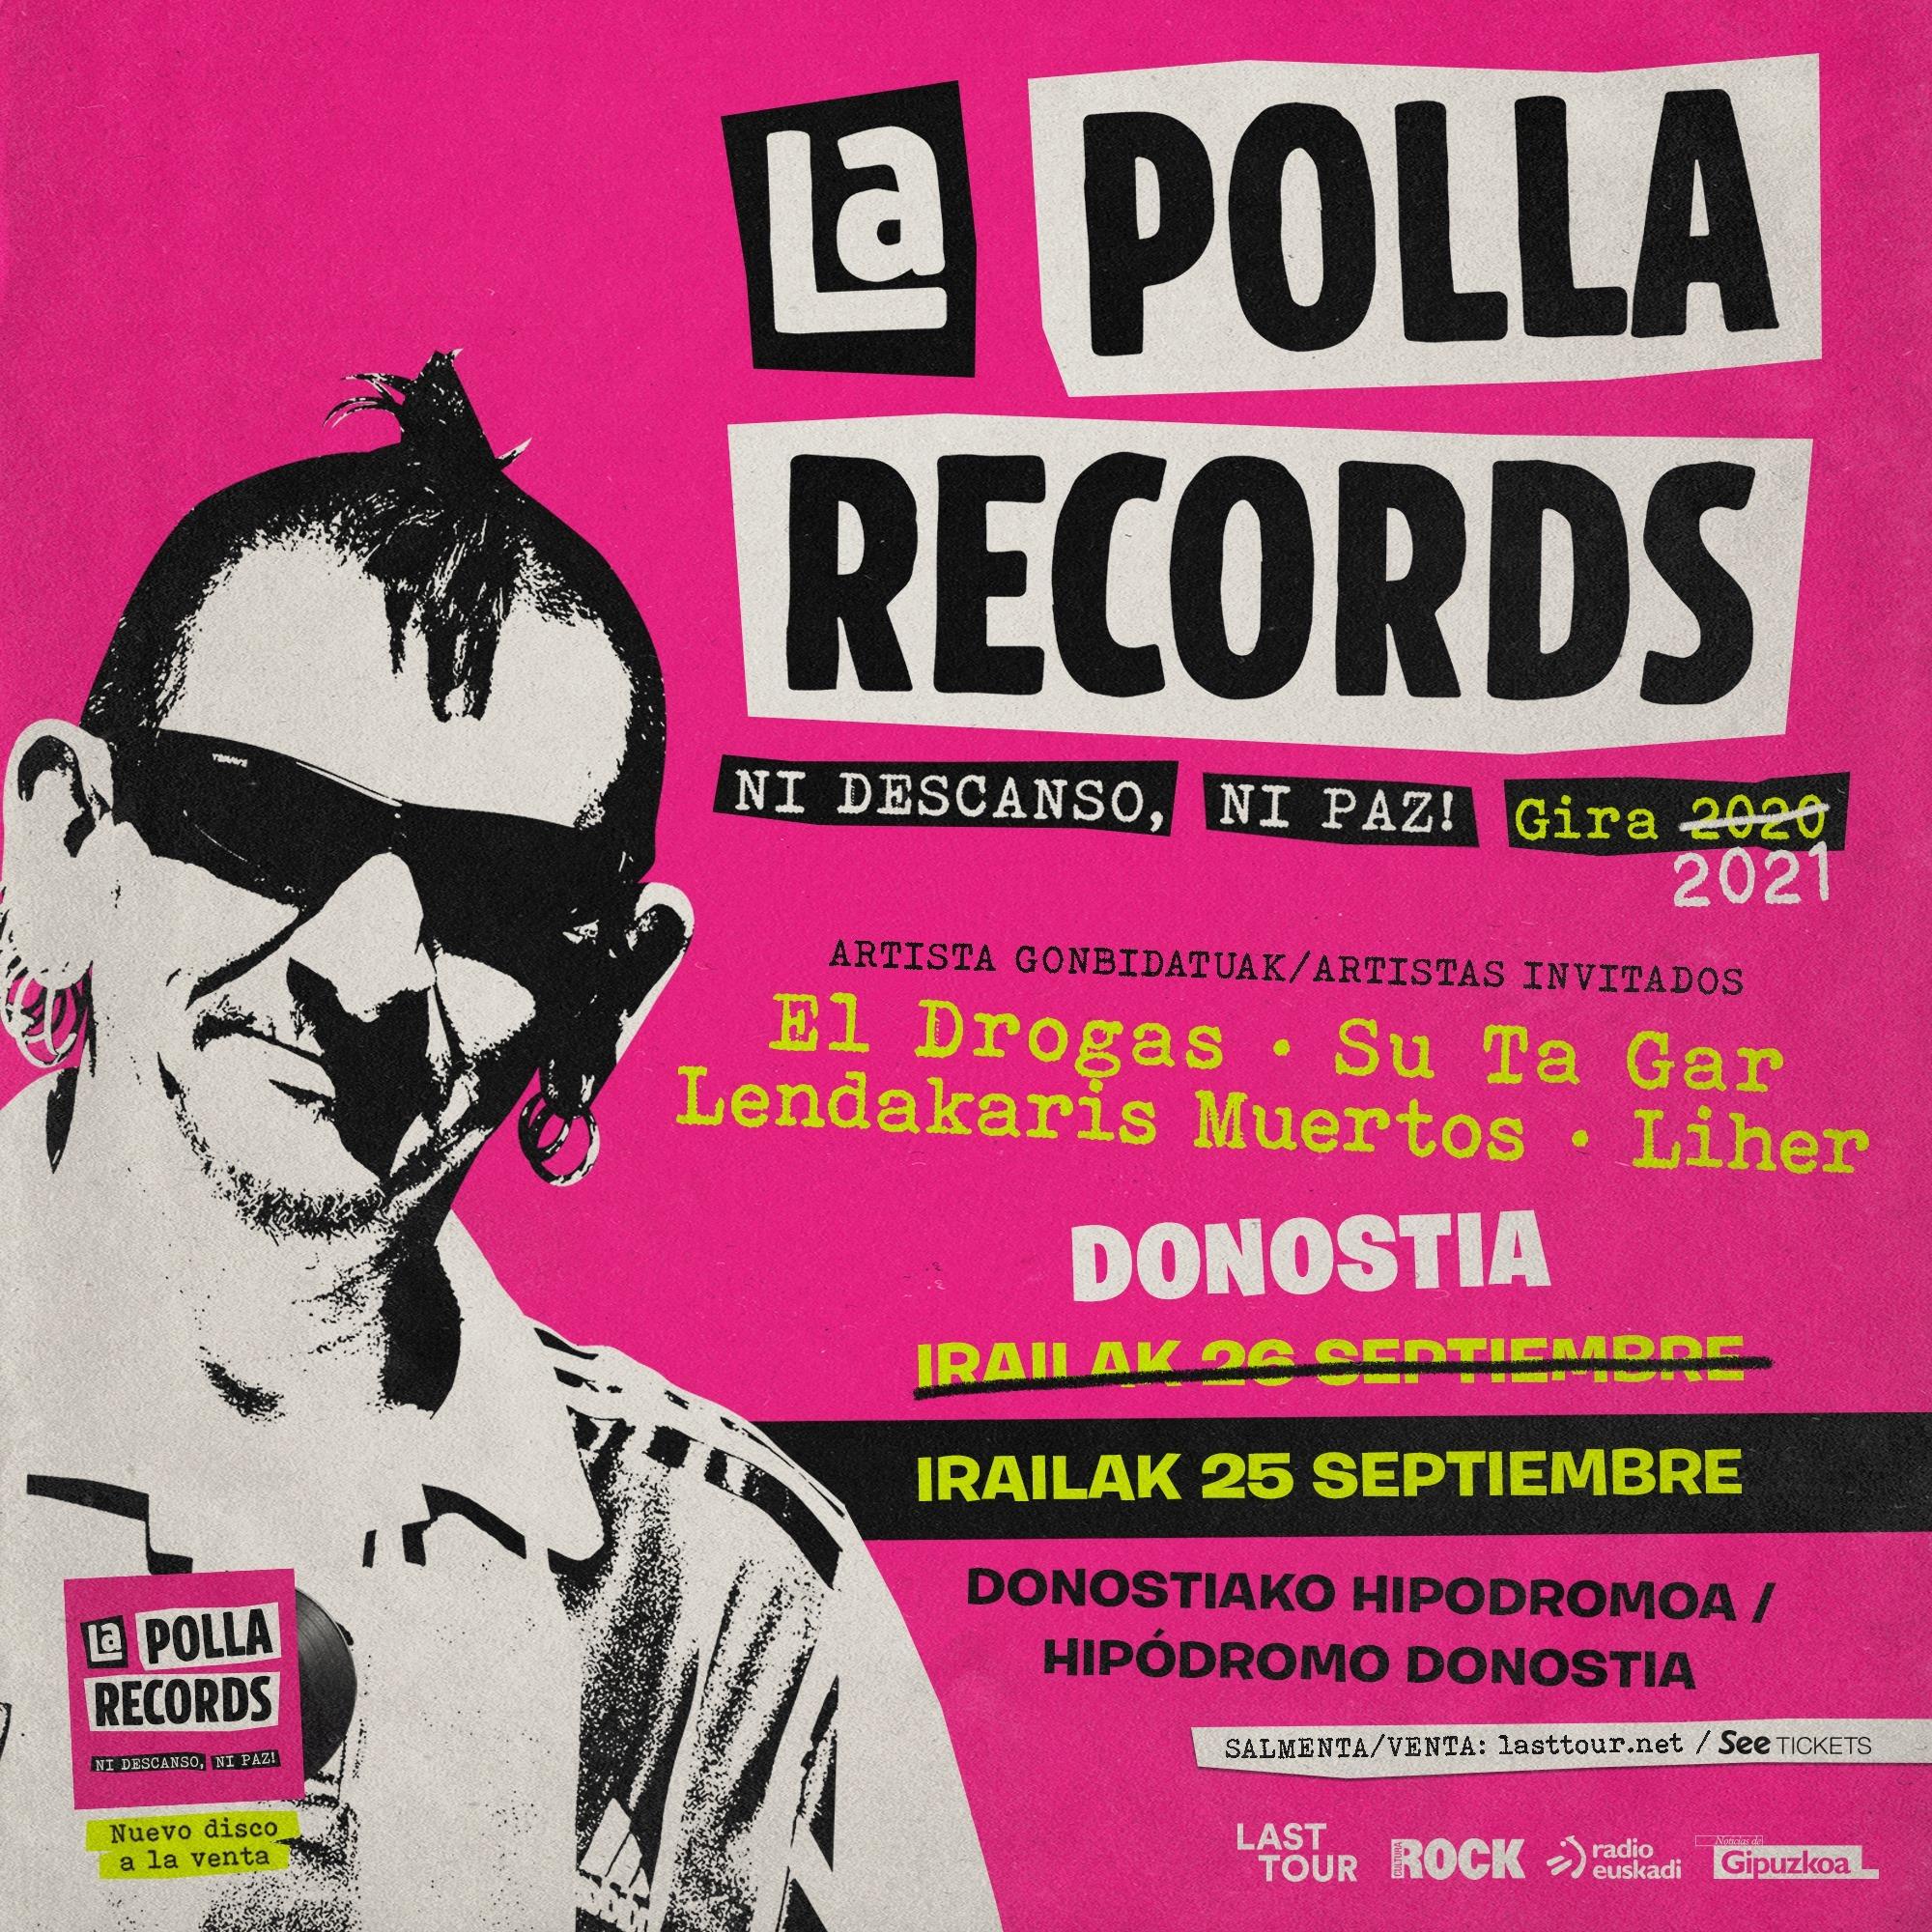 La Polla Records + Cerveza Suicida